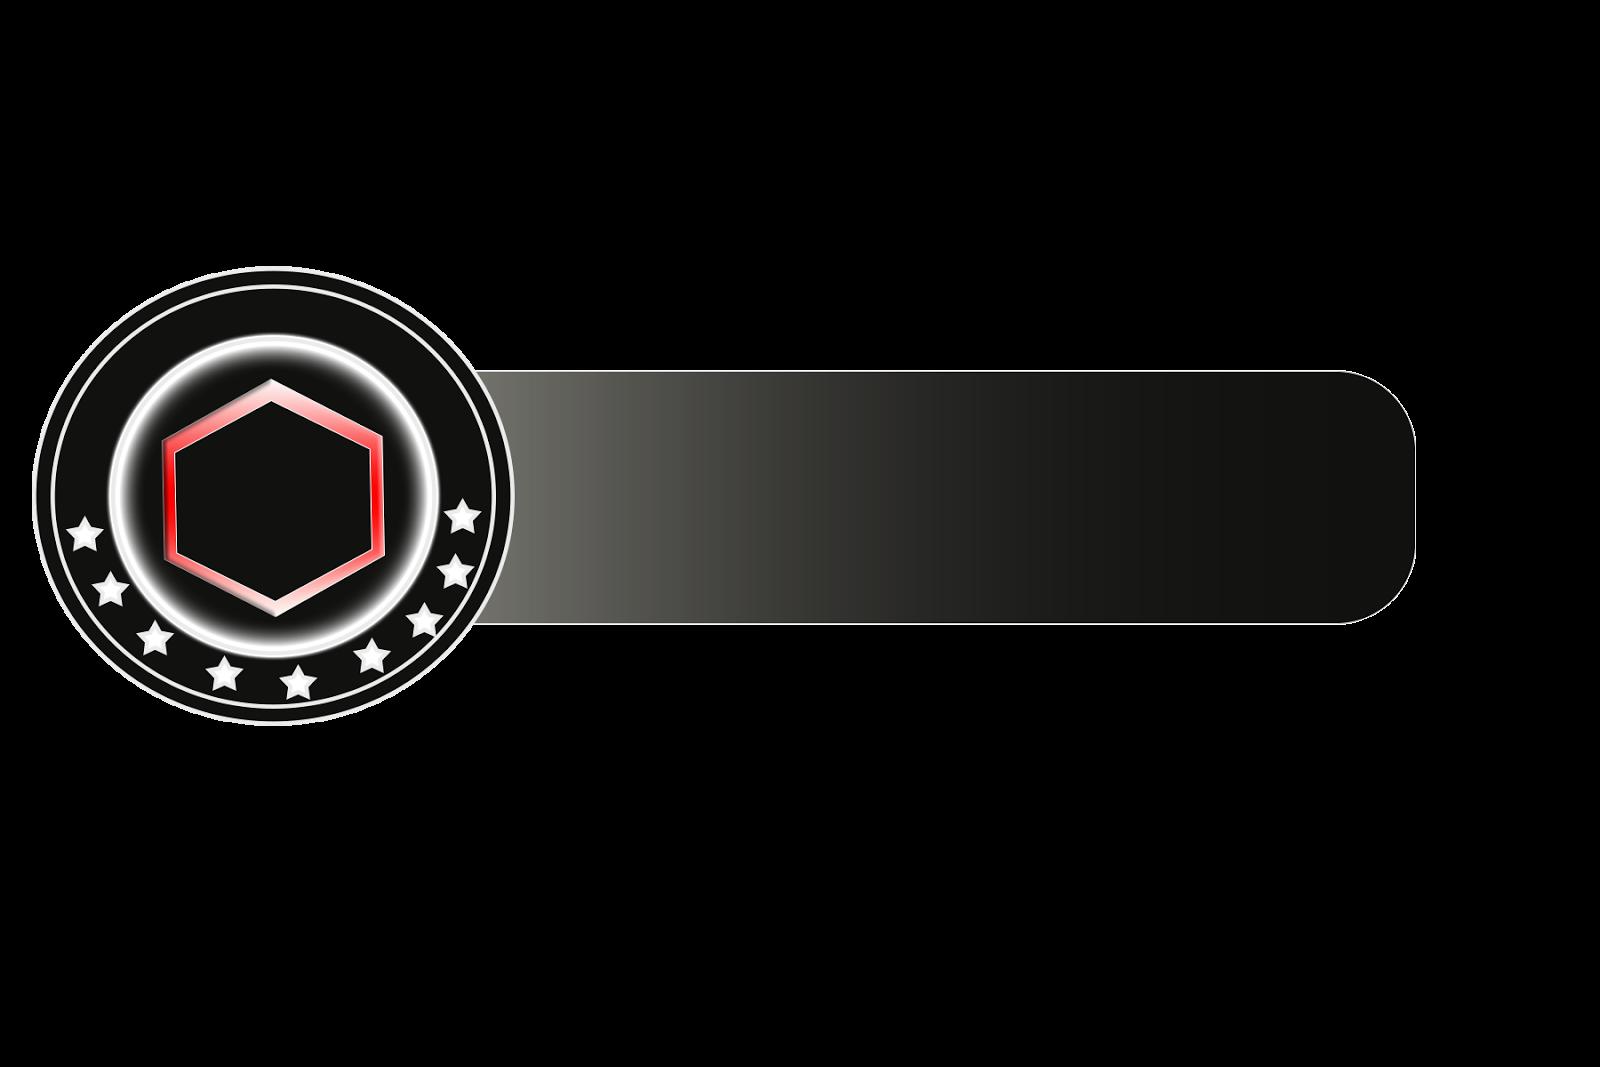 Png Logo For Picsart (+).